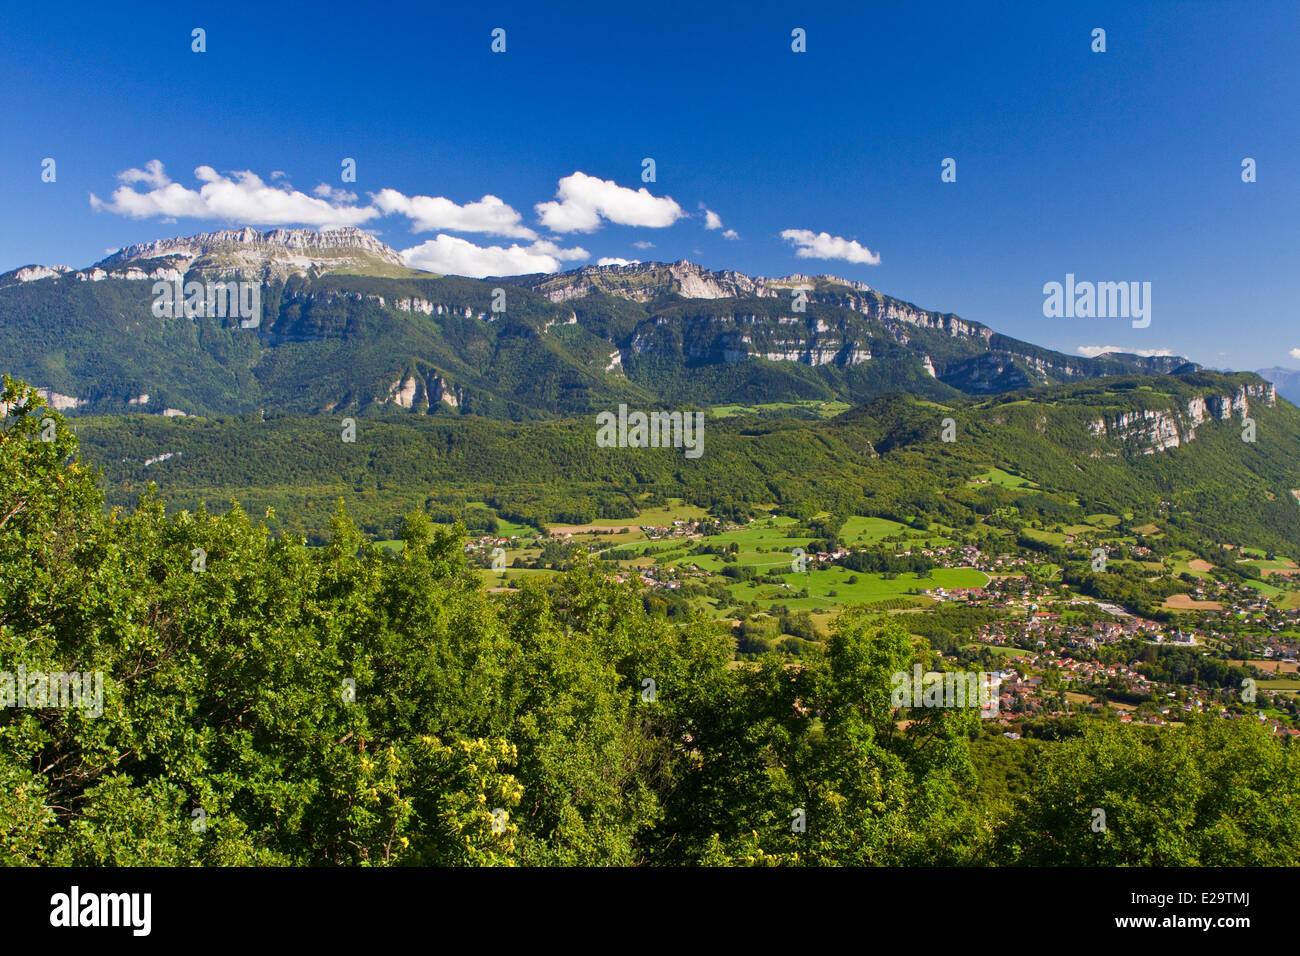 France, Isère, la Grande sure, le Parc naturel régional de Chartreuse (Parc naturel régional de Chartreuse) Photo Stock